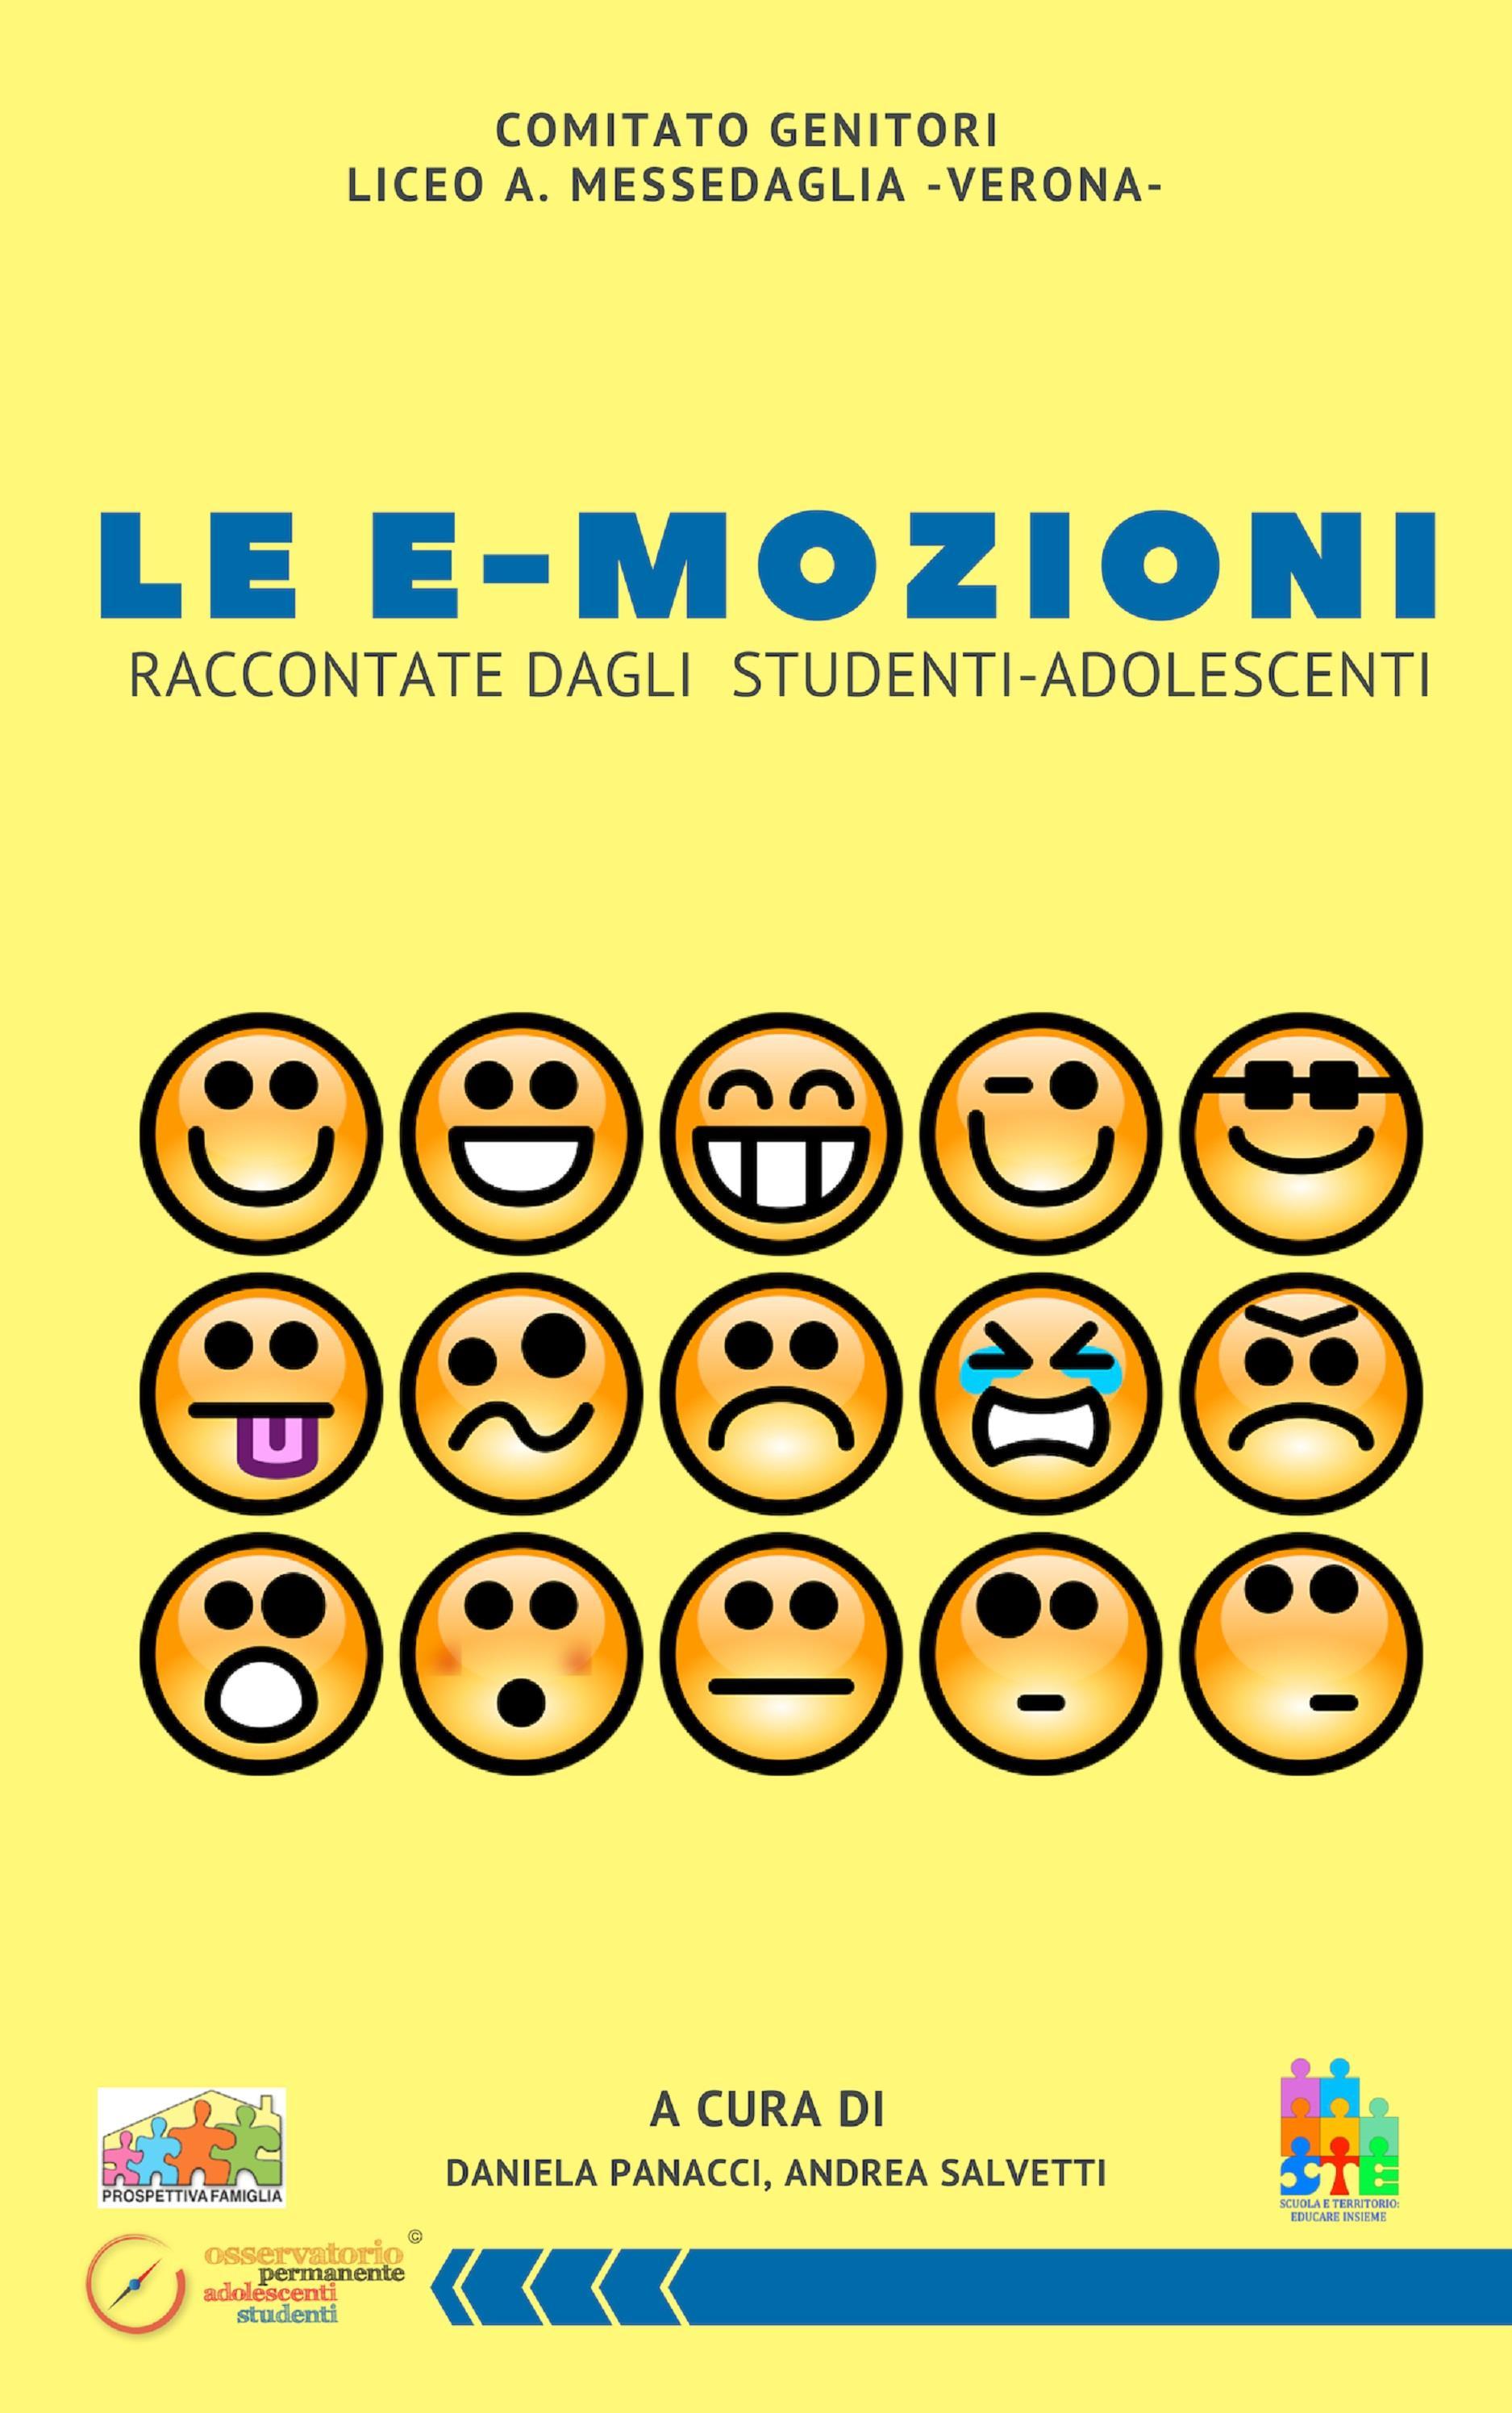 Le e-mozioni raccontate dagli adolescenti studenti